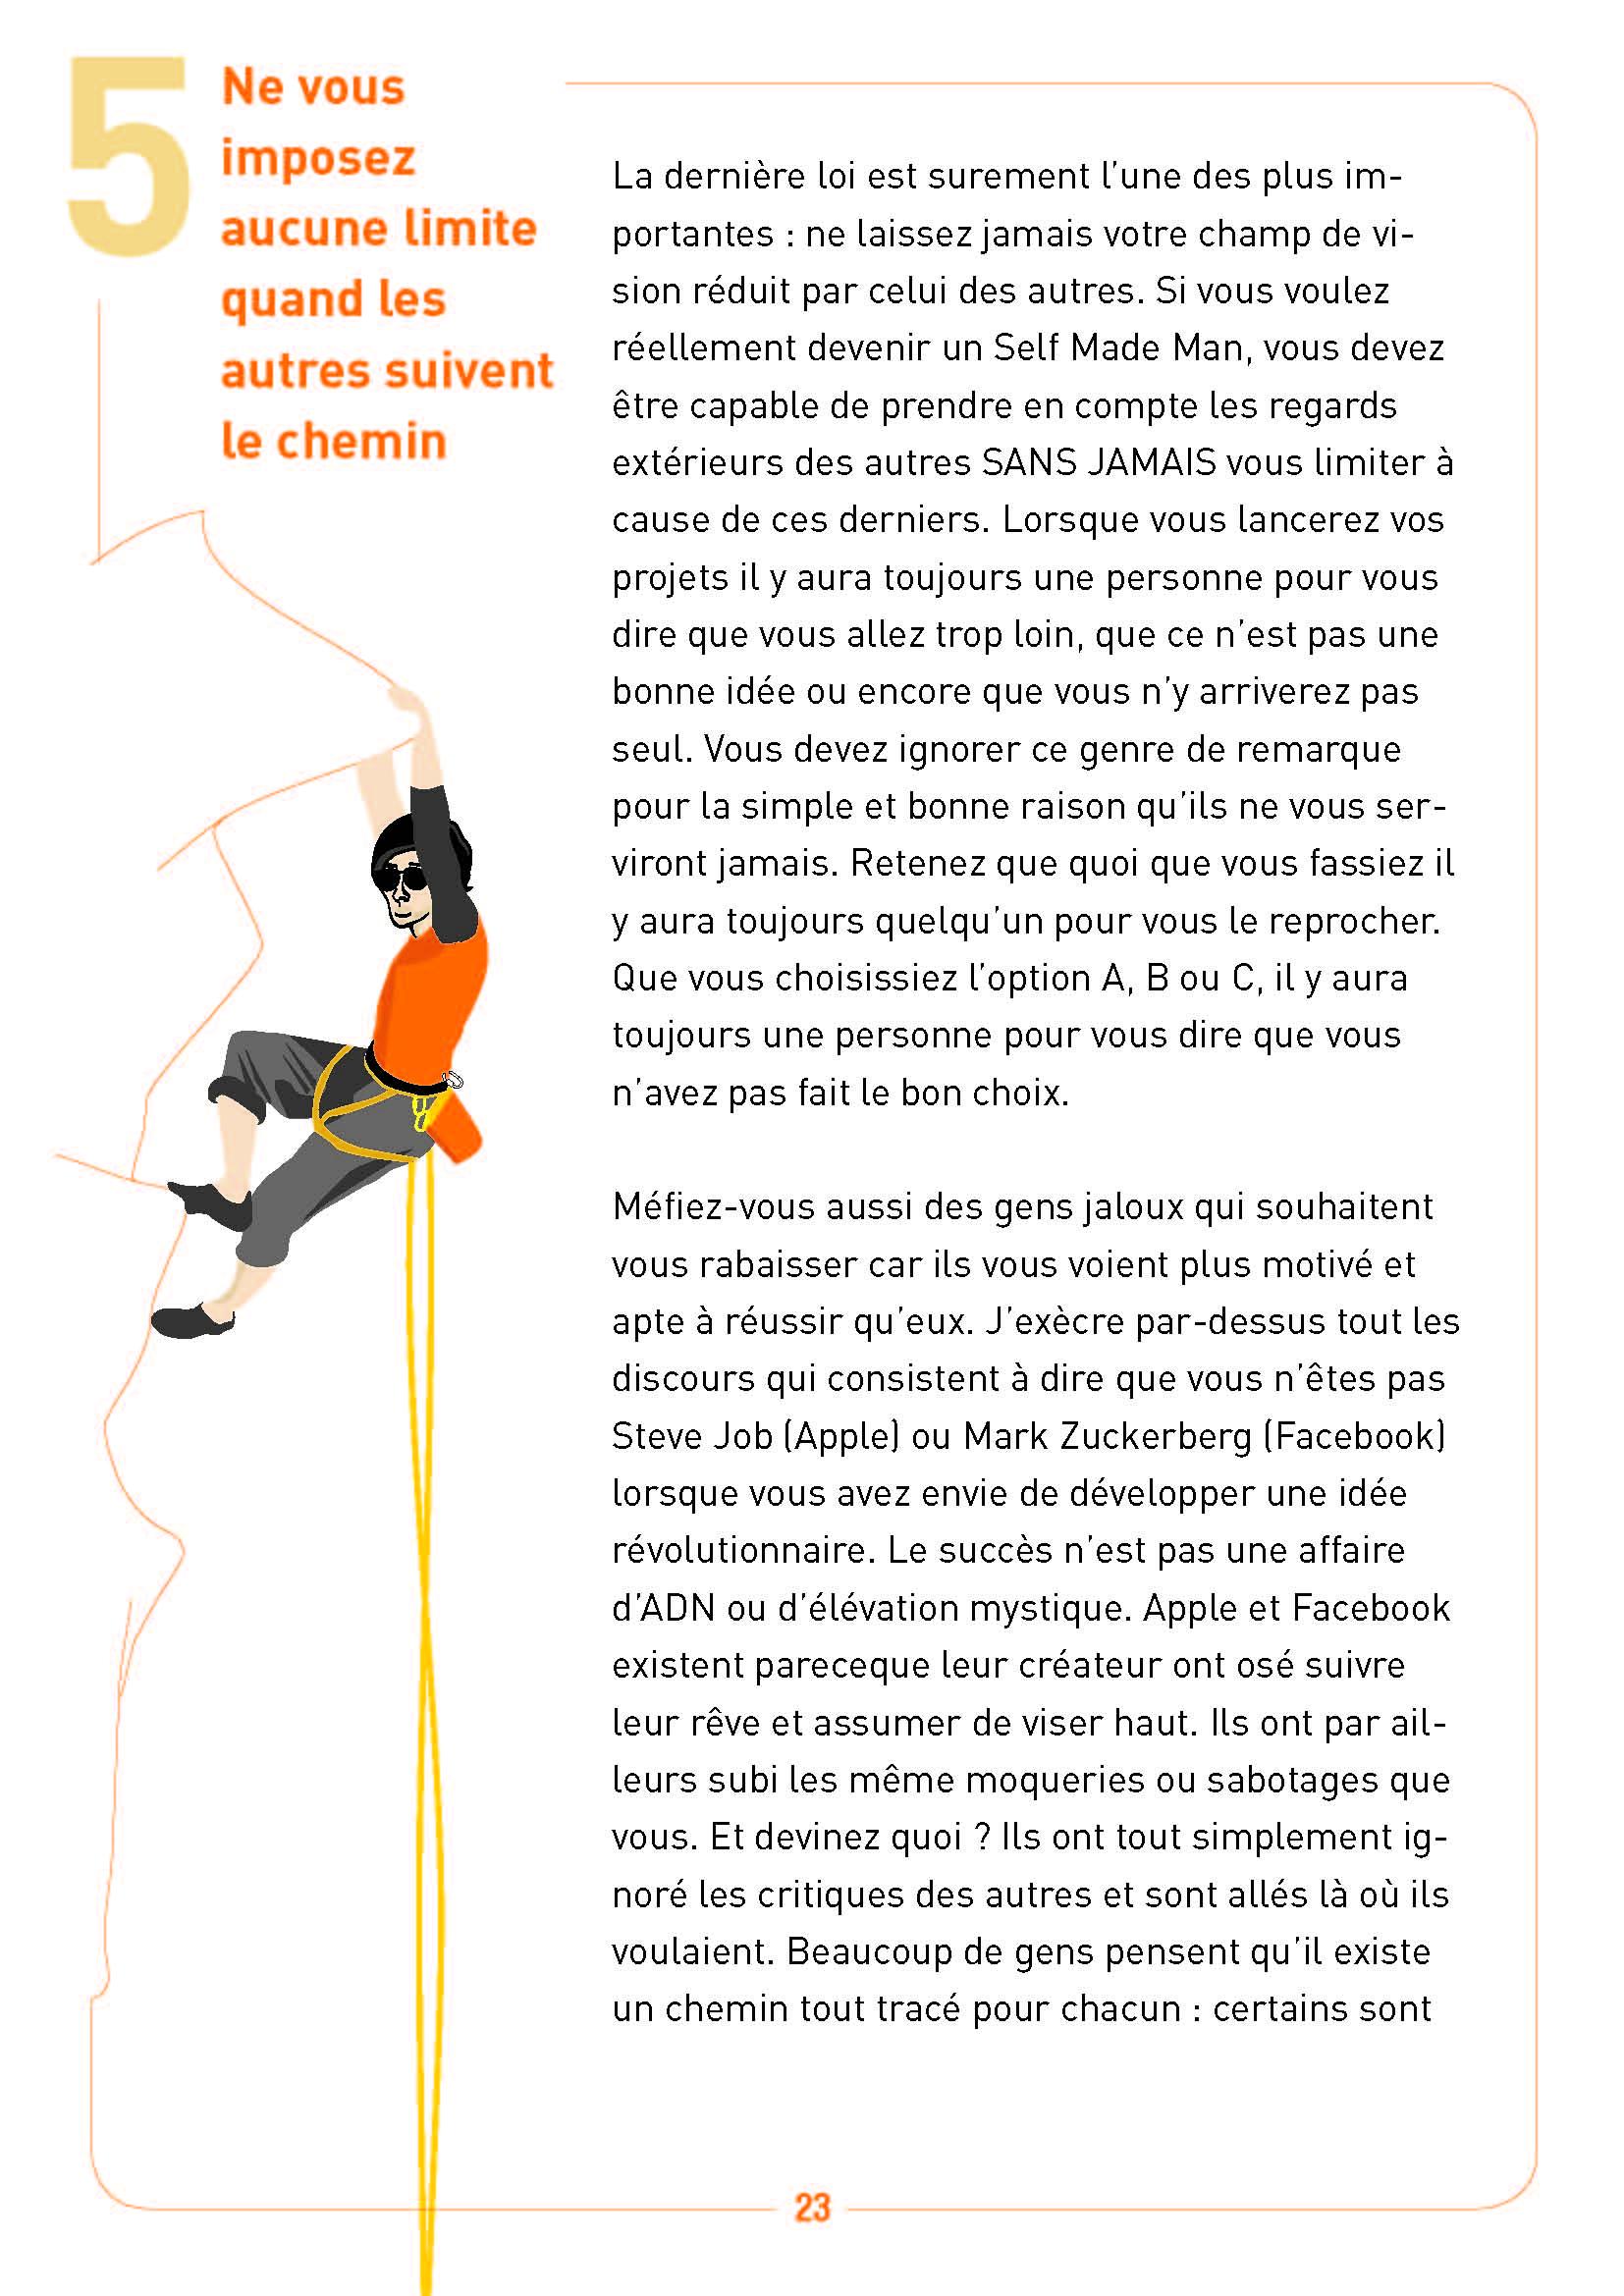 artfichier_800376_5222069_201510181923194 COMMENT ATTEINDRE LE SUCCÈS SANS BAGAGES